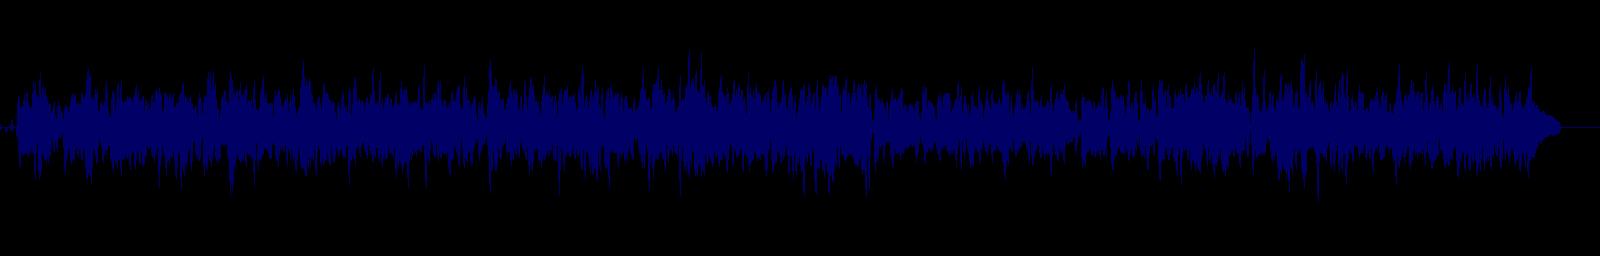 waveform of track #120261